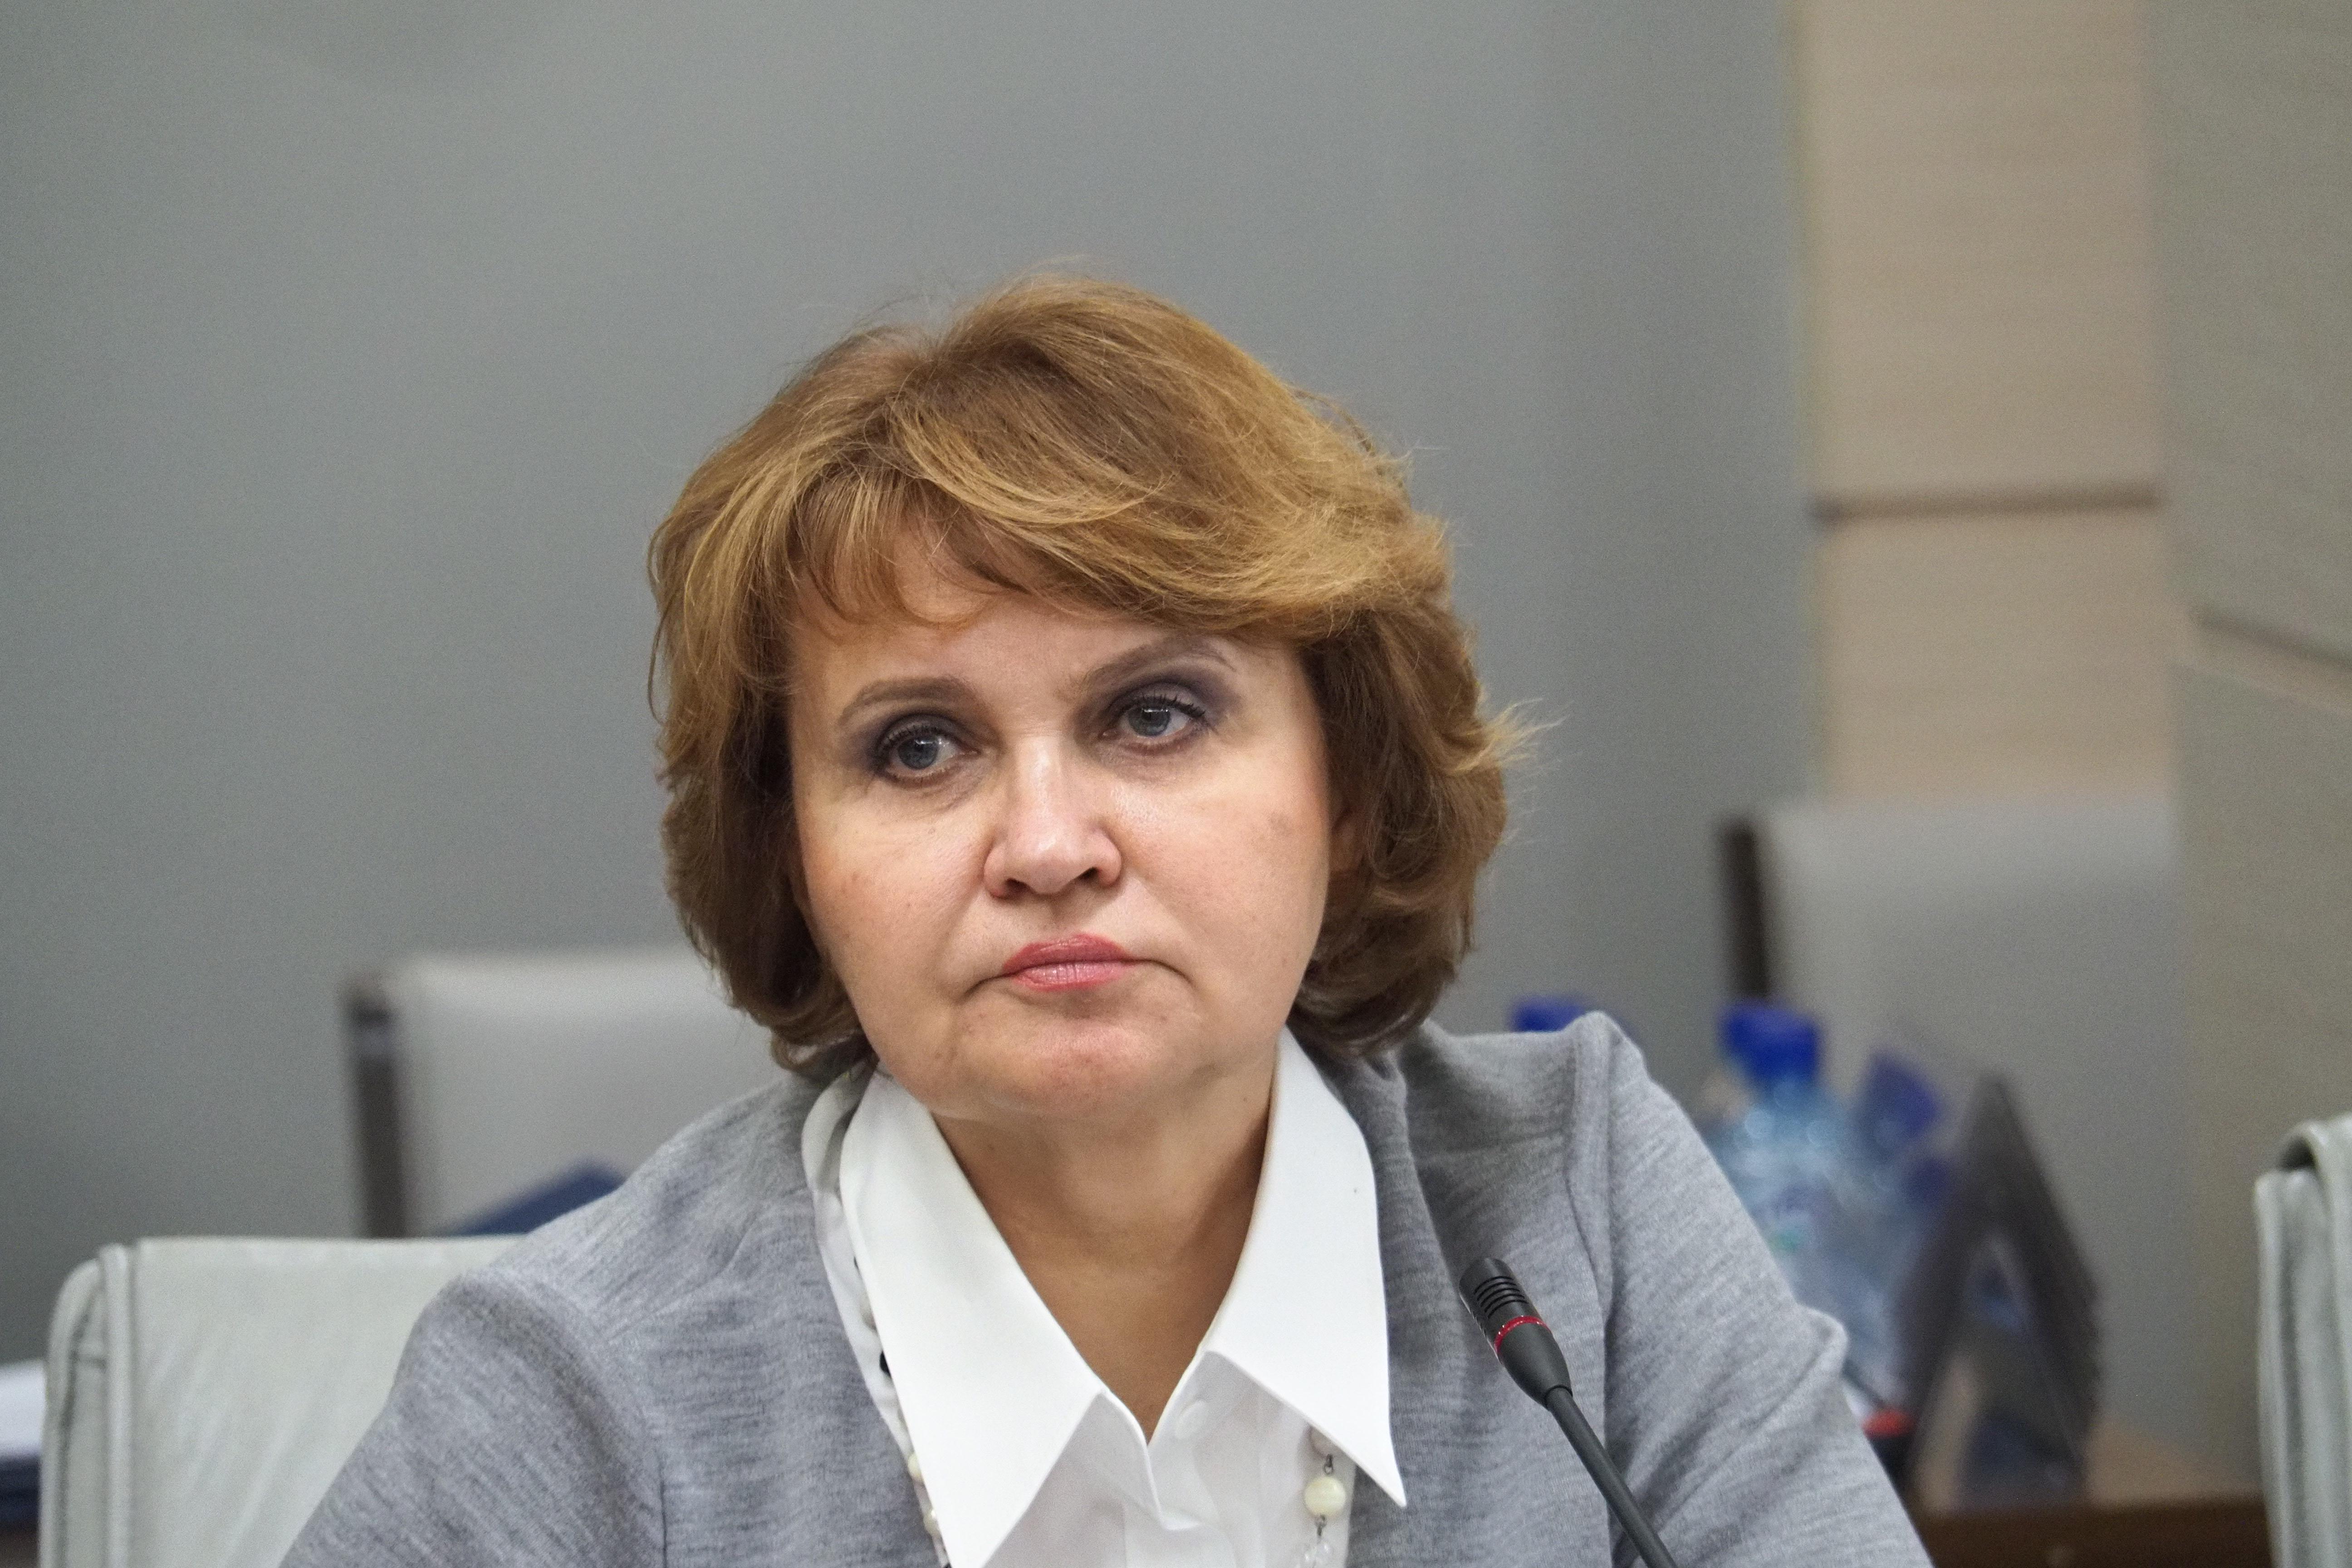 Депутат МГД отметила развитие института государственной правозащиты в столице